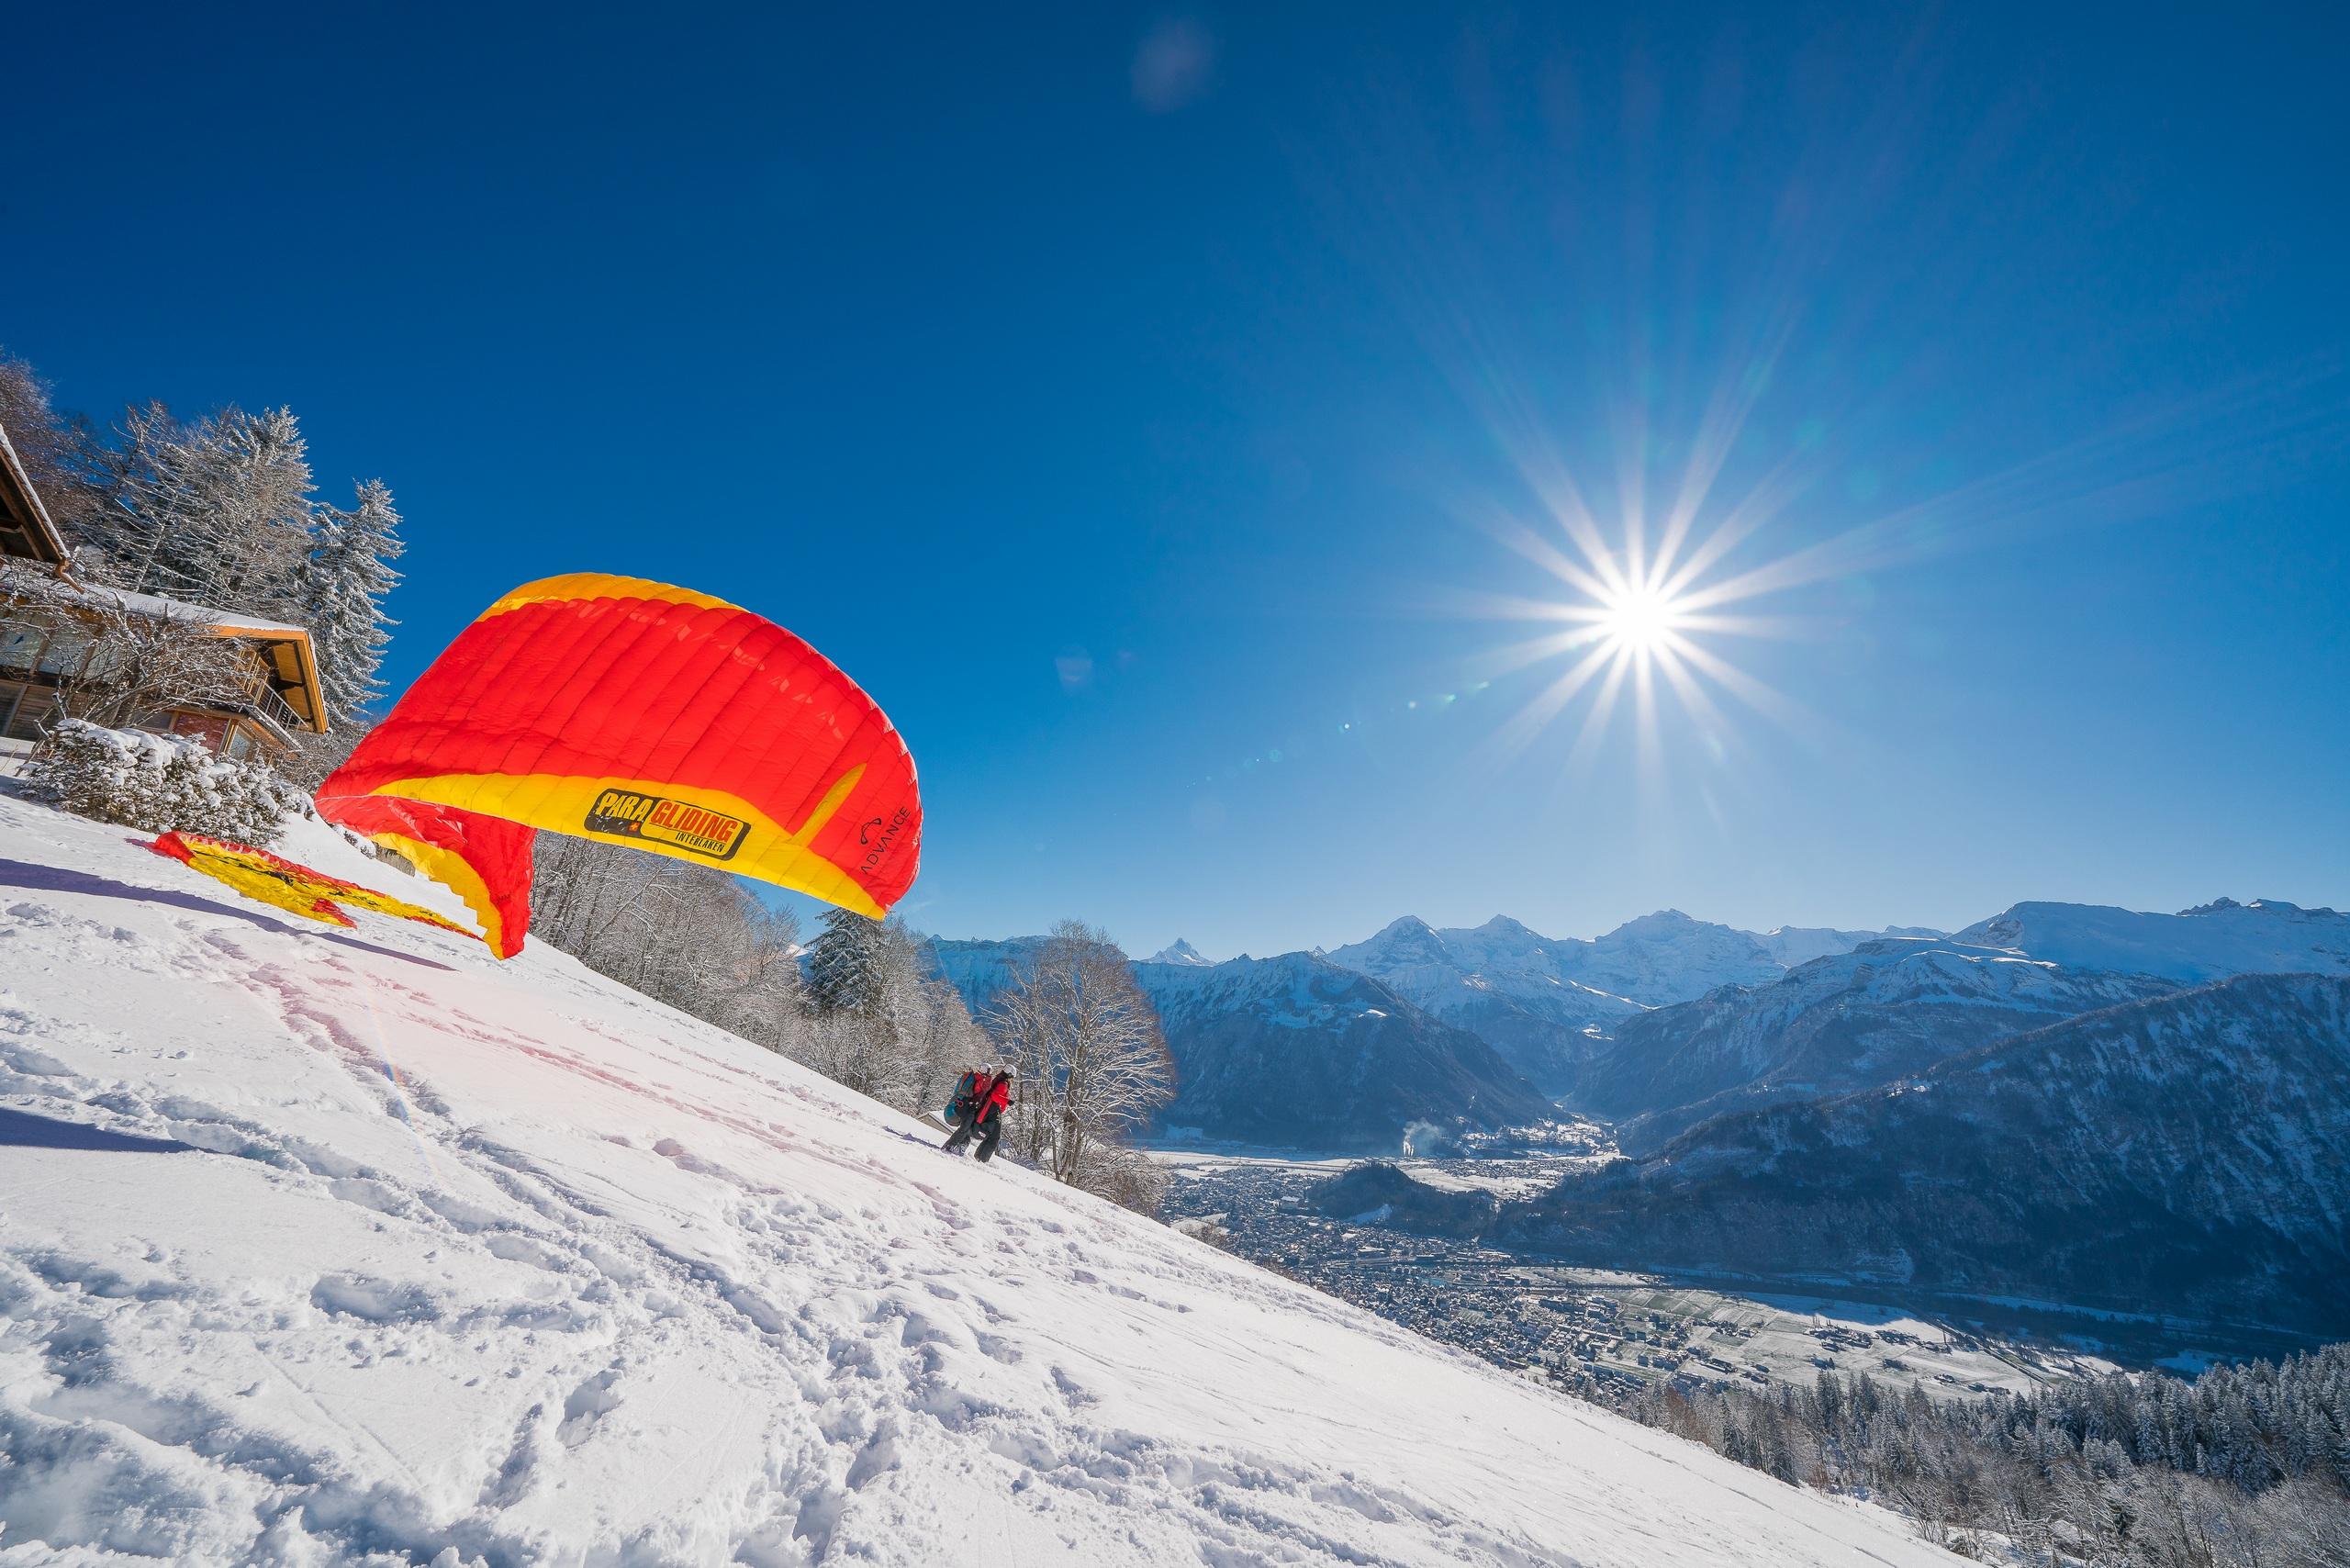 paragliding-interlaken-sonnenschein-winter-schnee